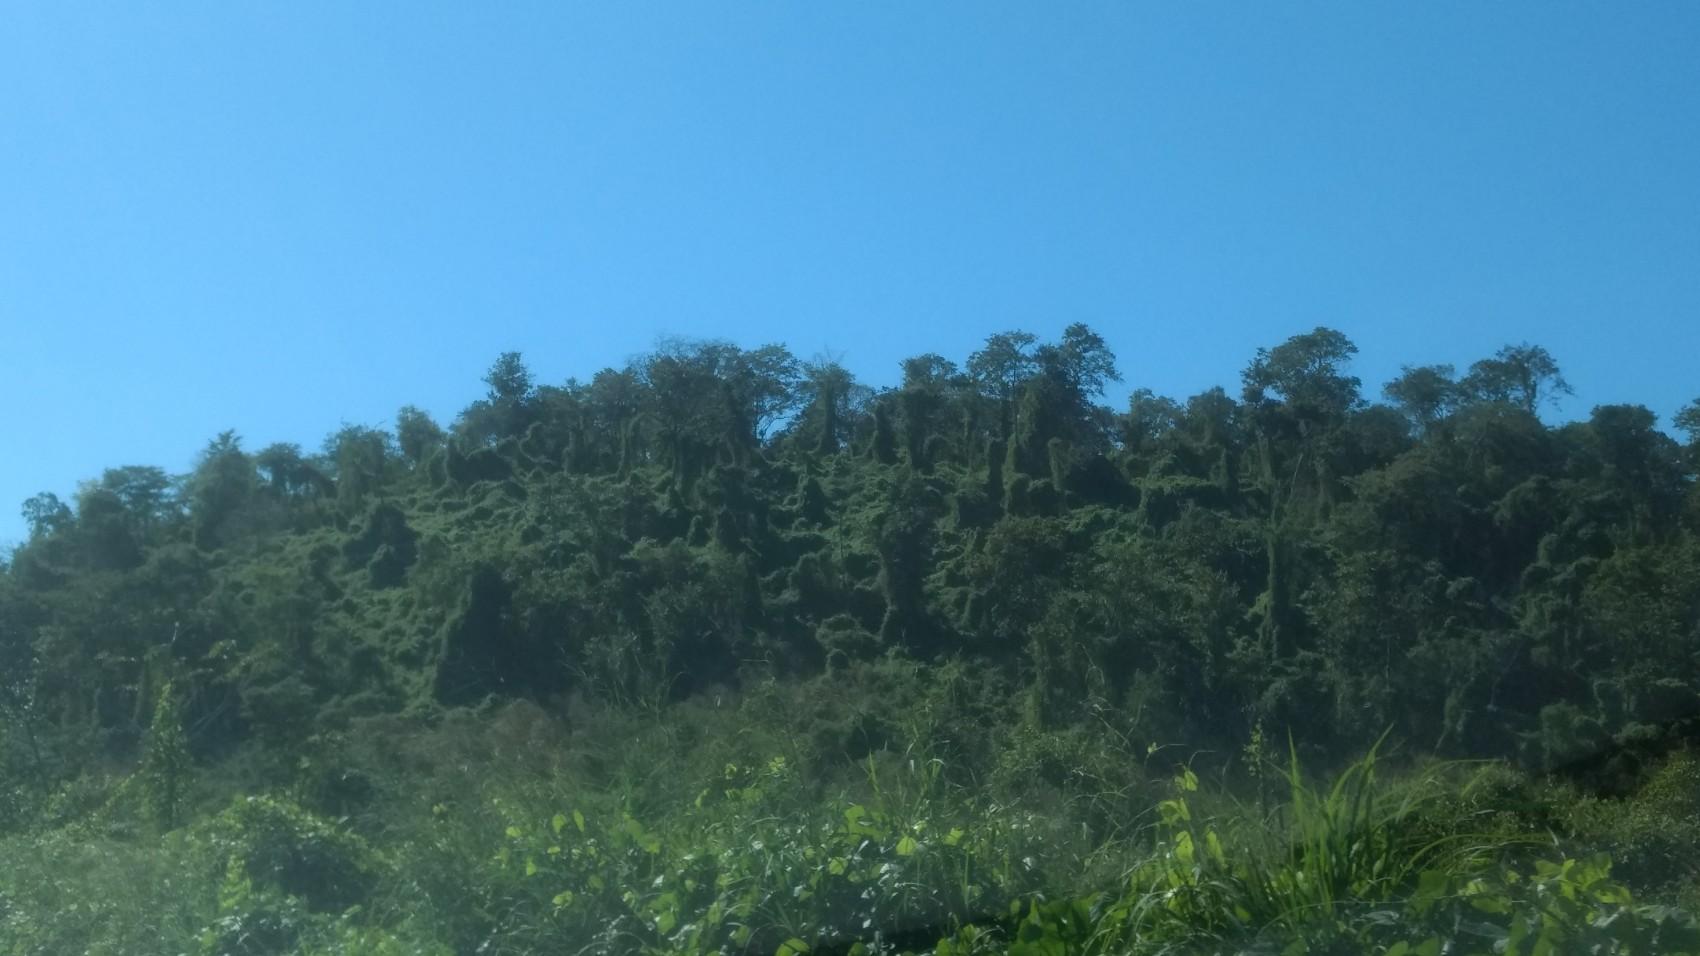 Figura 9 – Trecho de Floresta Semidecídua com sinais de degradação devido ao efeito de borda entre Teresina e Altos, a caminho do litoral do Piauí (BR343). Fonte: Arquivo pessoal.